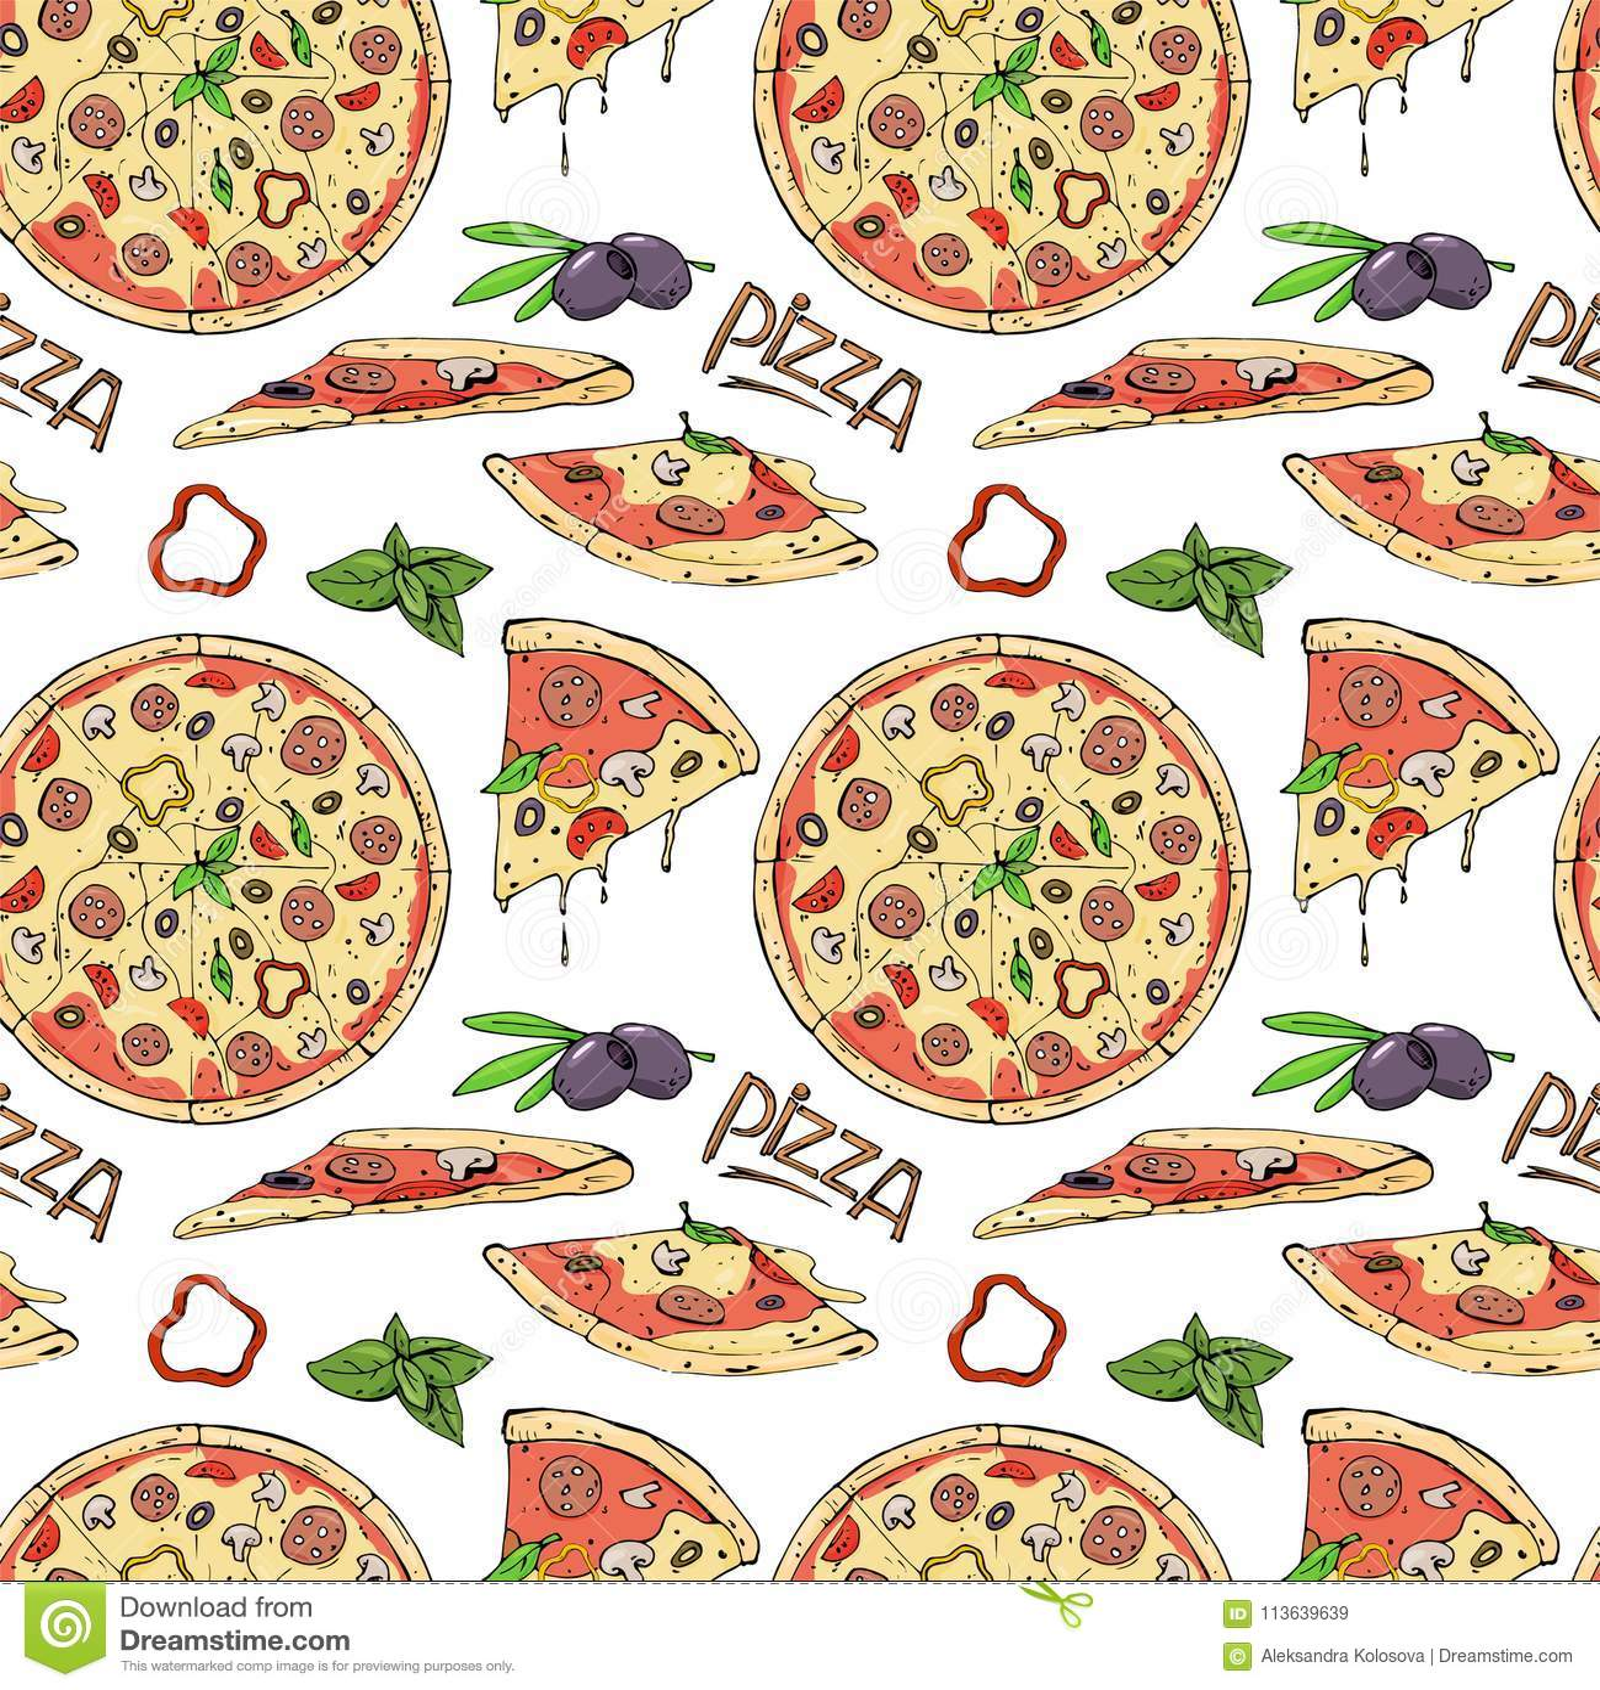 Άνευ ραφής σχέδιο της πίτσας και των συστατικών στο άσπρο υπόβαθρο